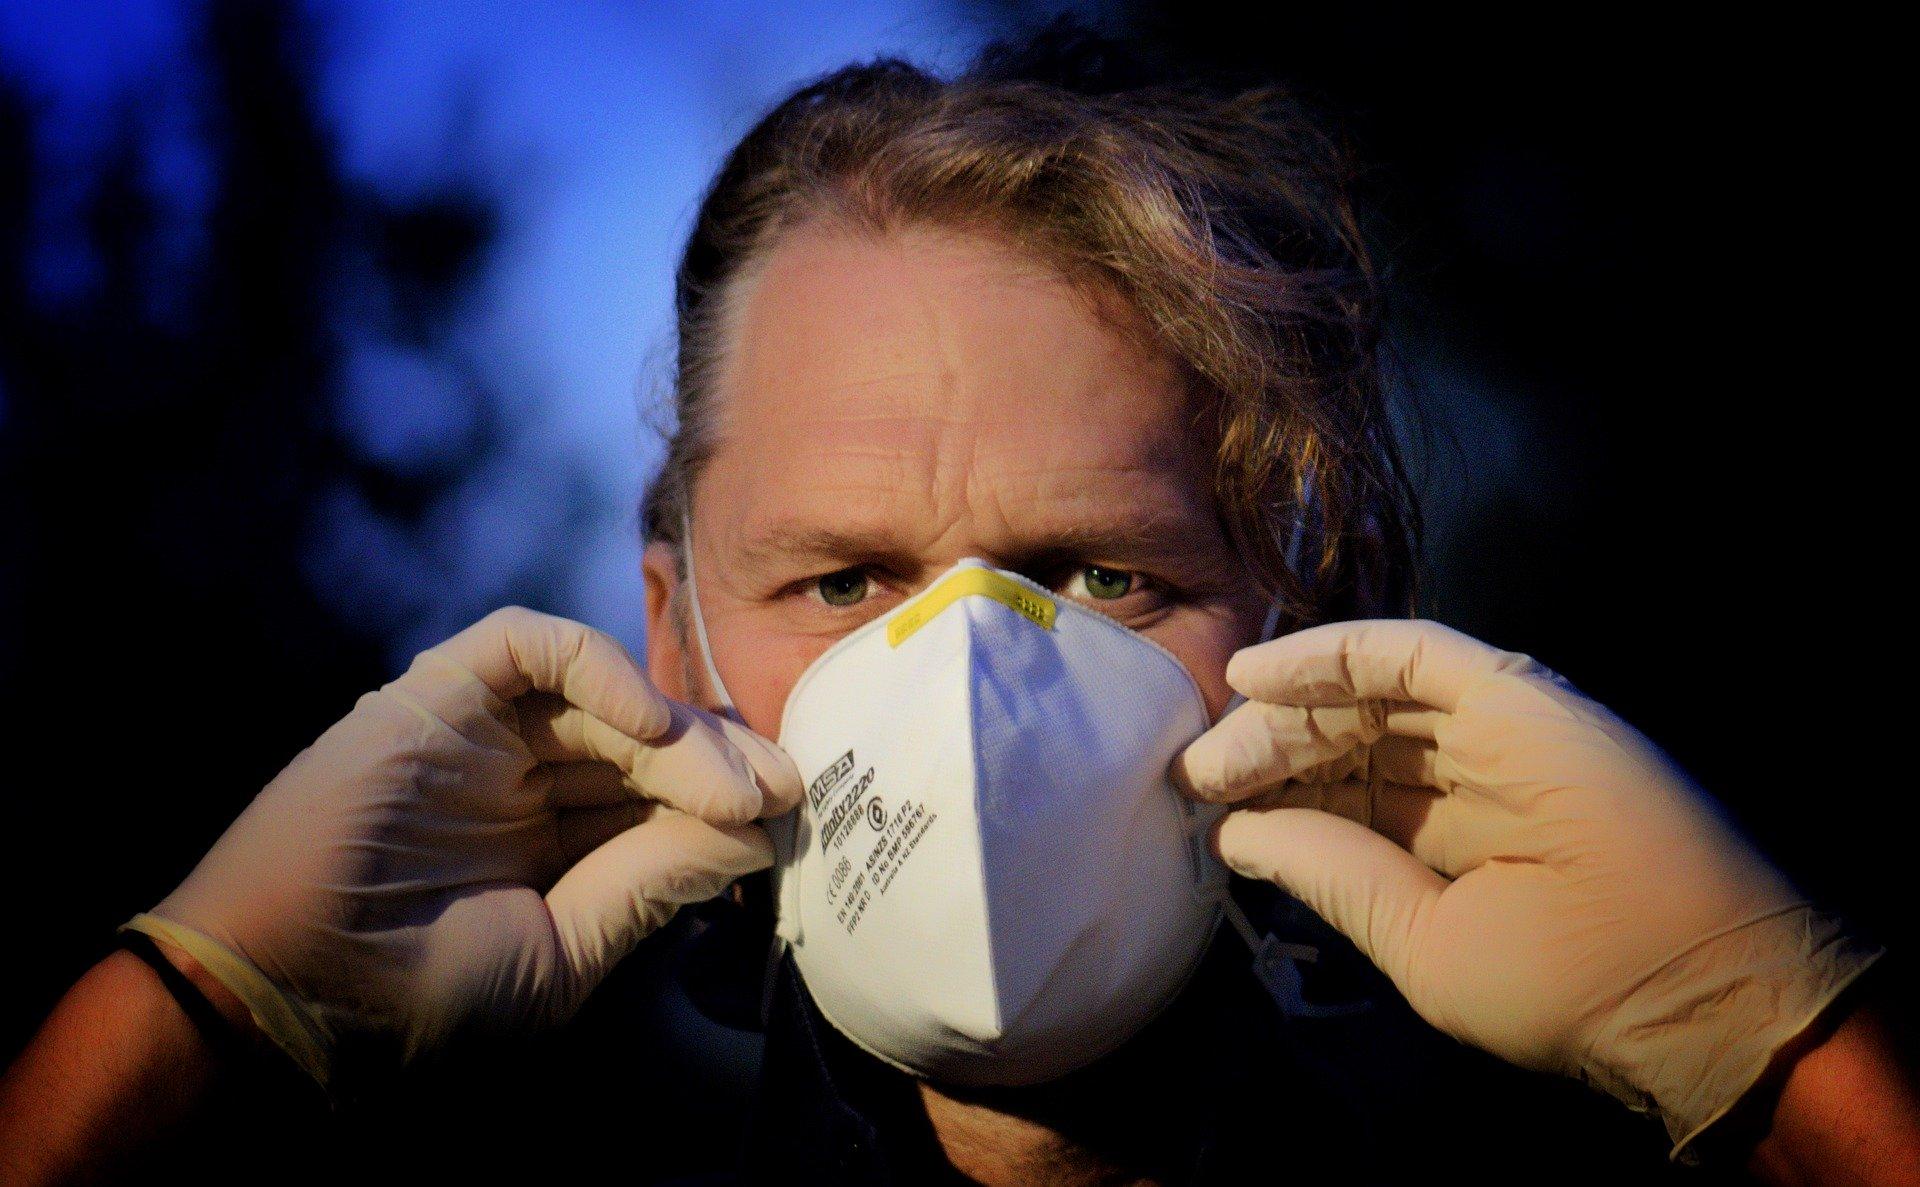 武漢肺炎疫情未歇,全球確診數破千萬、50 萬人死亡| TechNews 科技新報